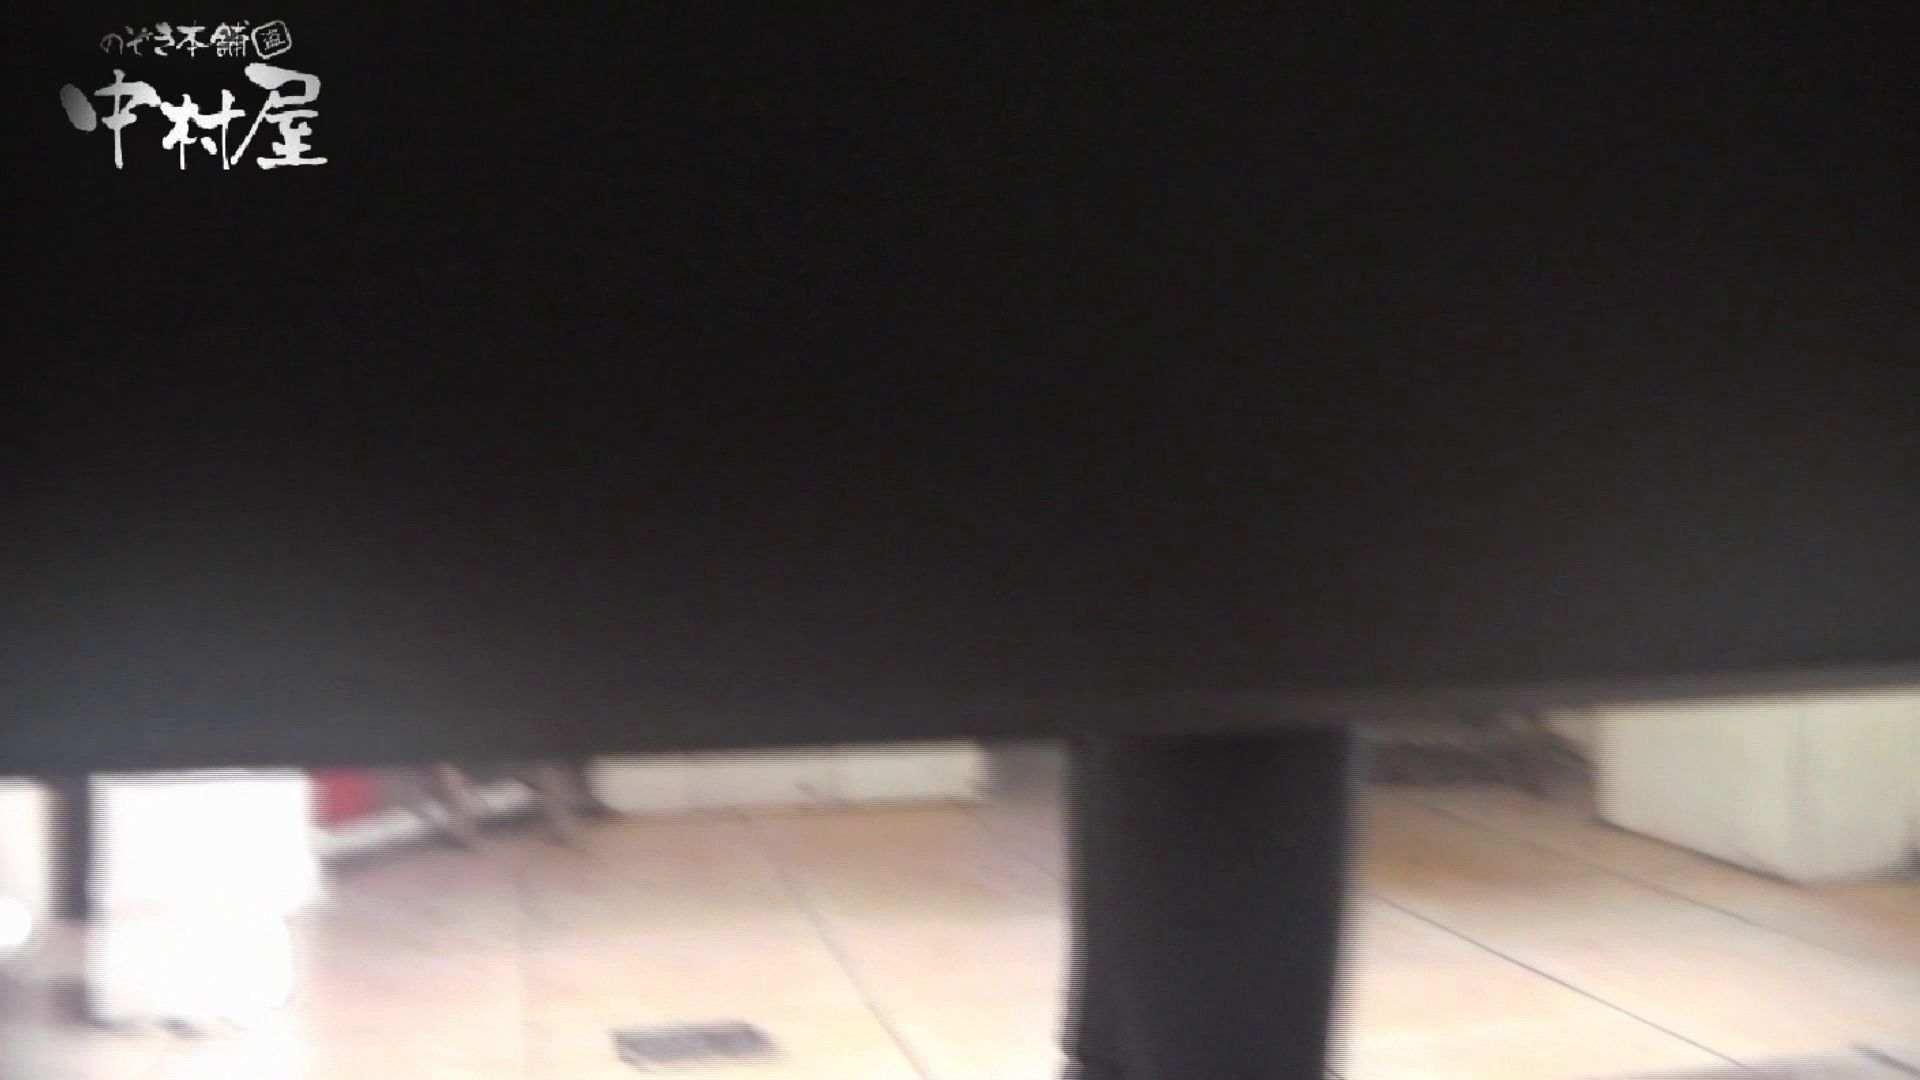 【世界の射窓から~ステーション編~】ステーション編 vol52 我慢して個室に入ったら。||:-)!! 盗撮特集 | おまんこ  79画像 53